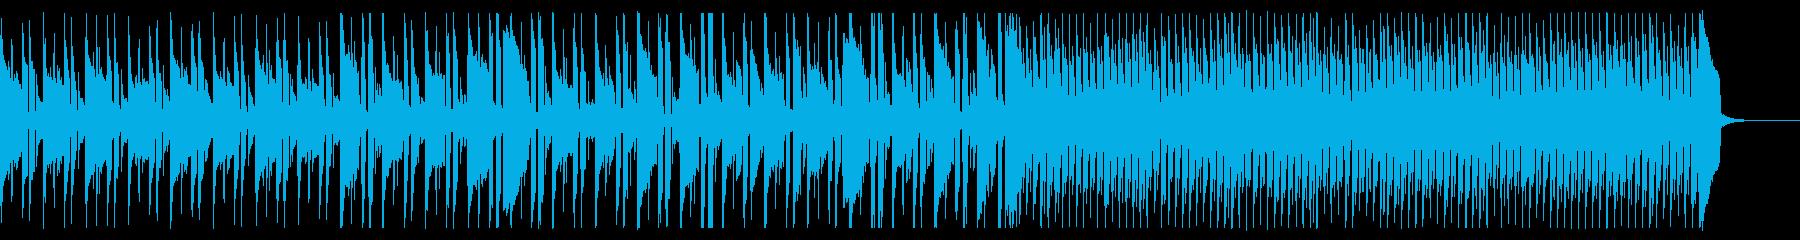 のんびり、爽やかシンプルの再生済みの波形